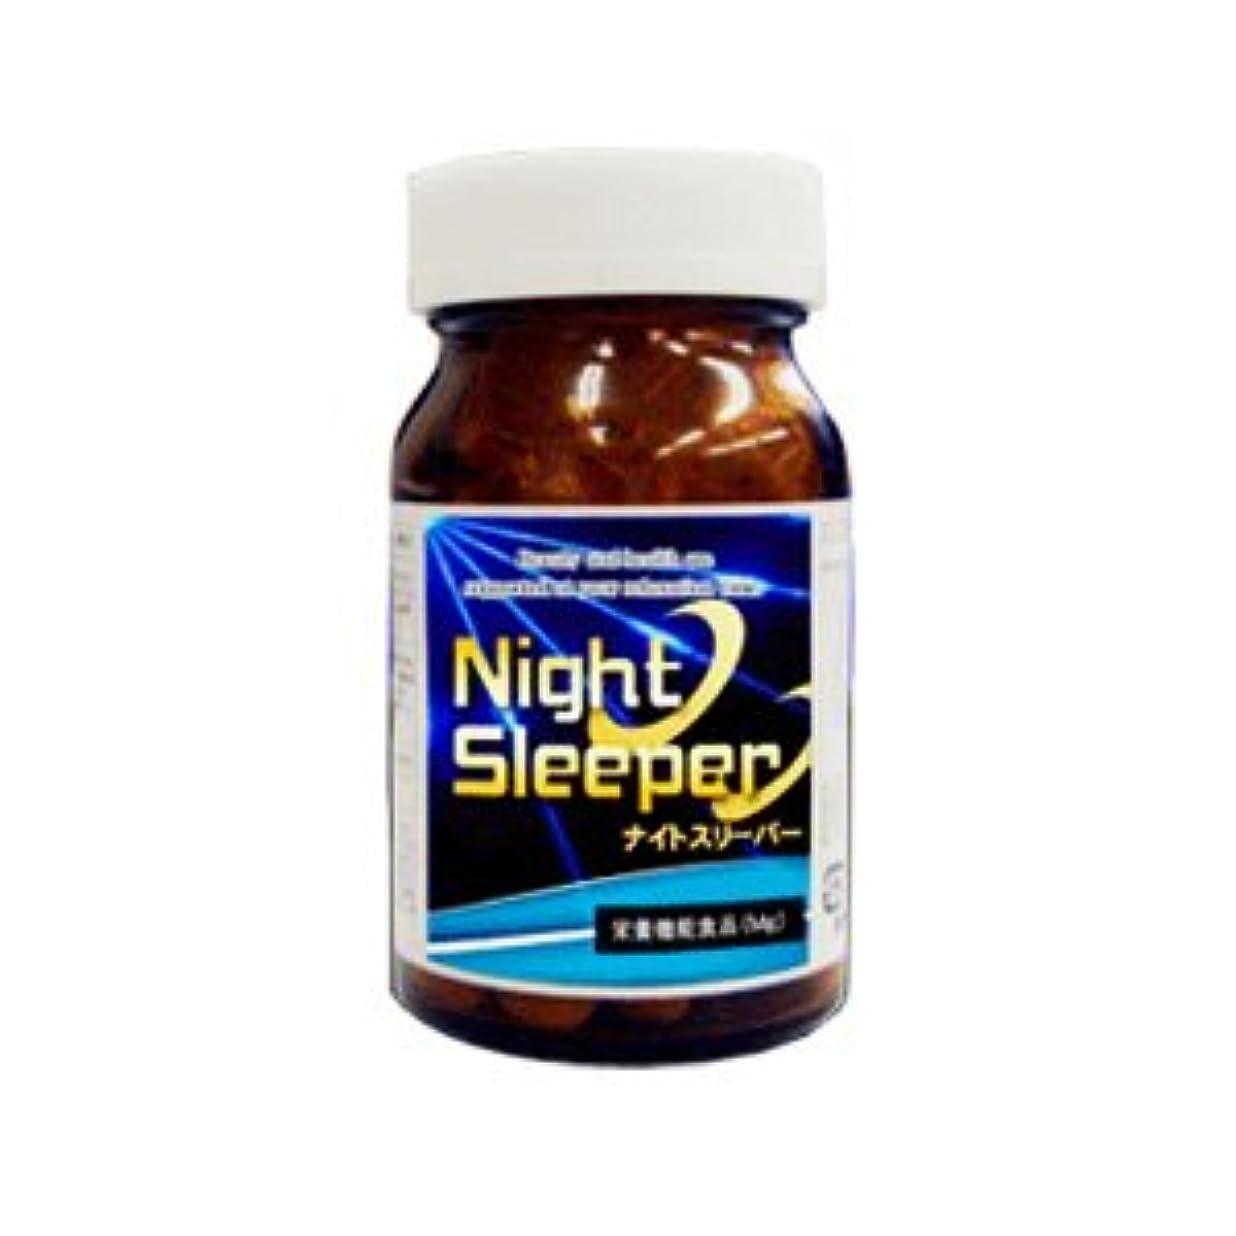 式病ネストナイトスリーパー nightsleeper